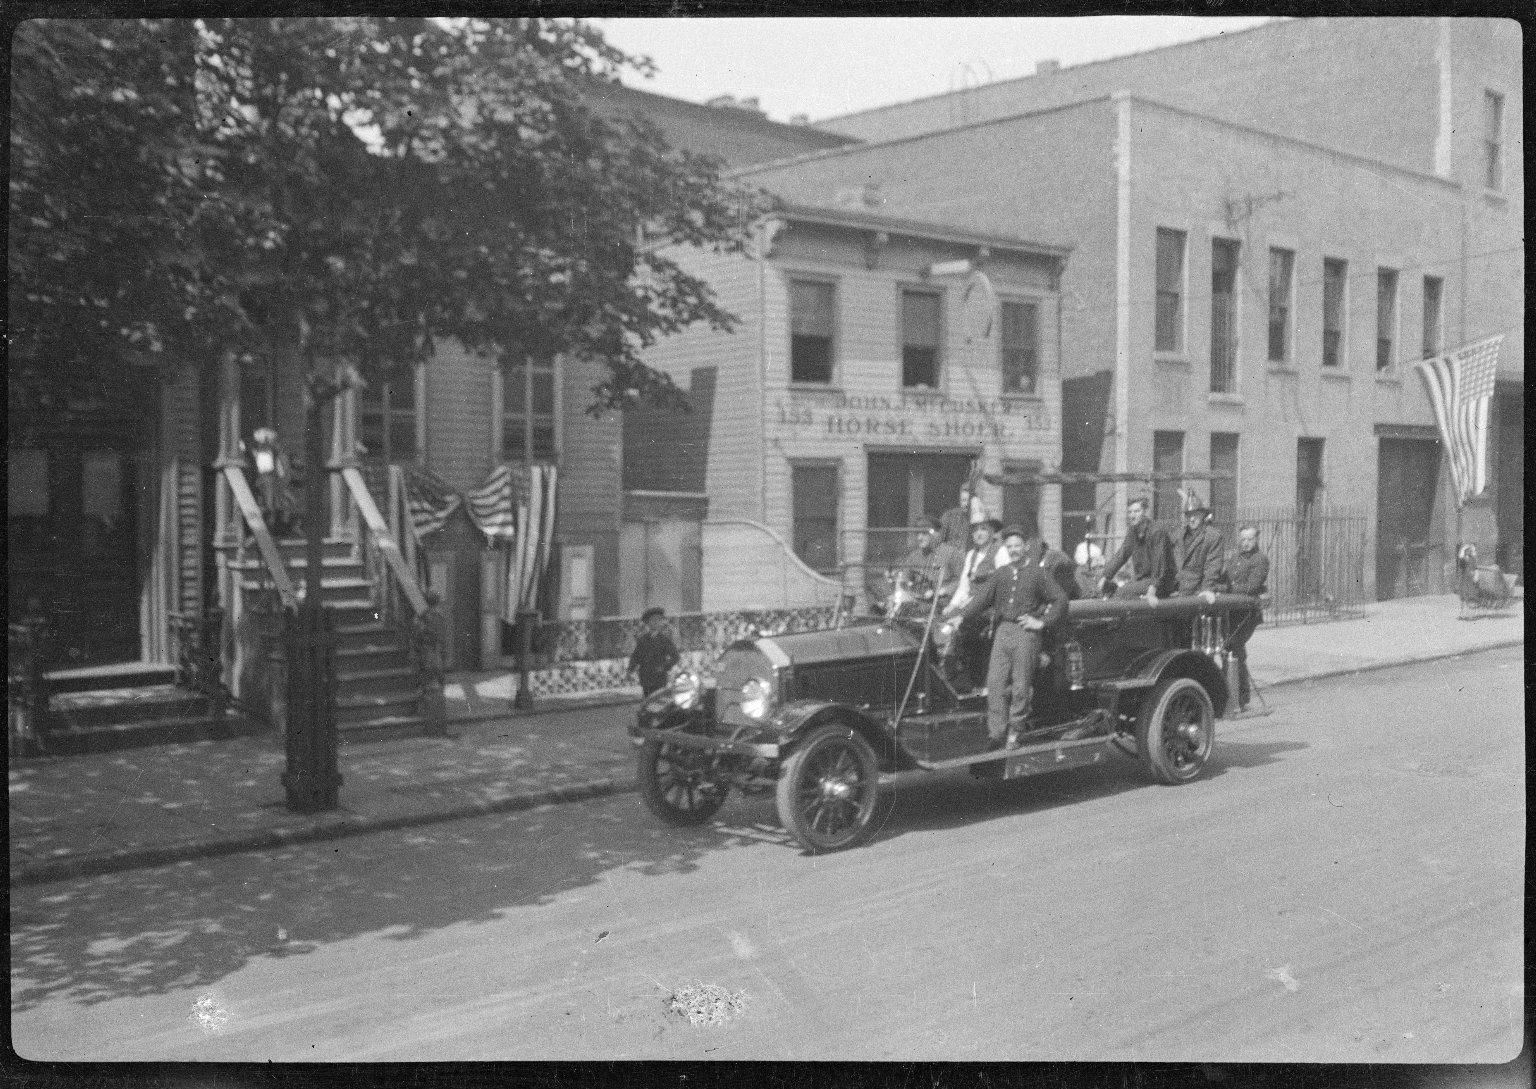 Выезд пожарного автомобиля. Нью-Йорк, США. Начало 20 века